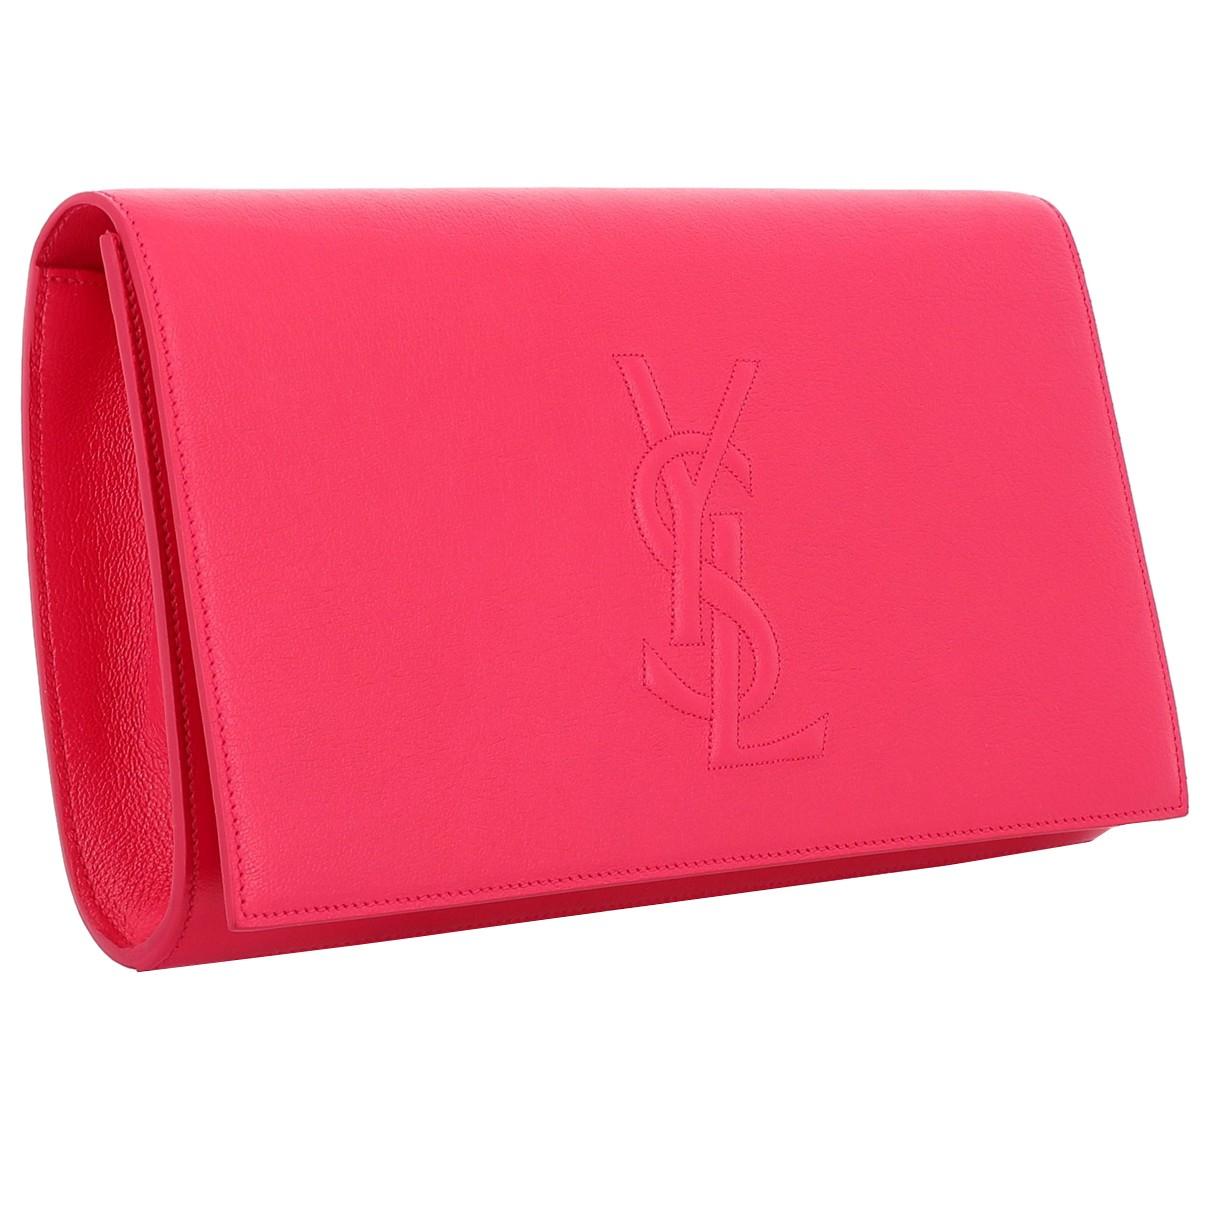 Yves Saint Laurent - Pochette Belle de Jour pour femme en cuir - multicolore